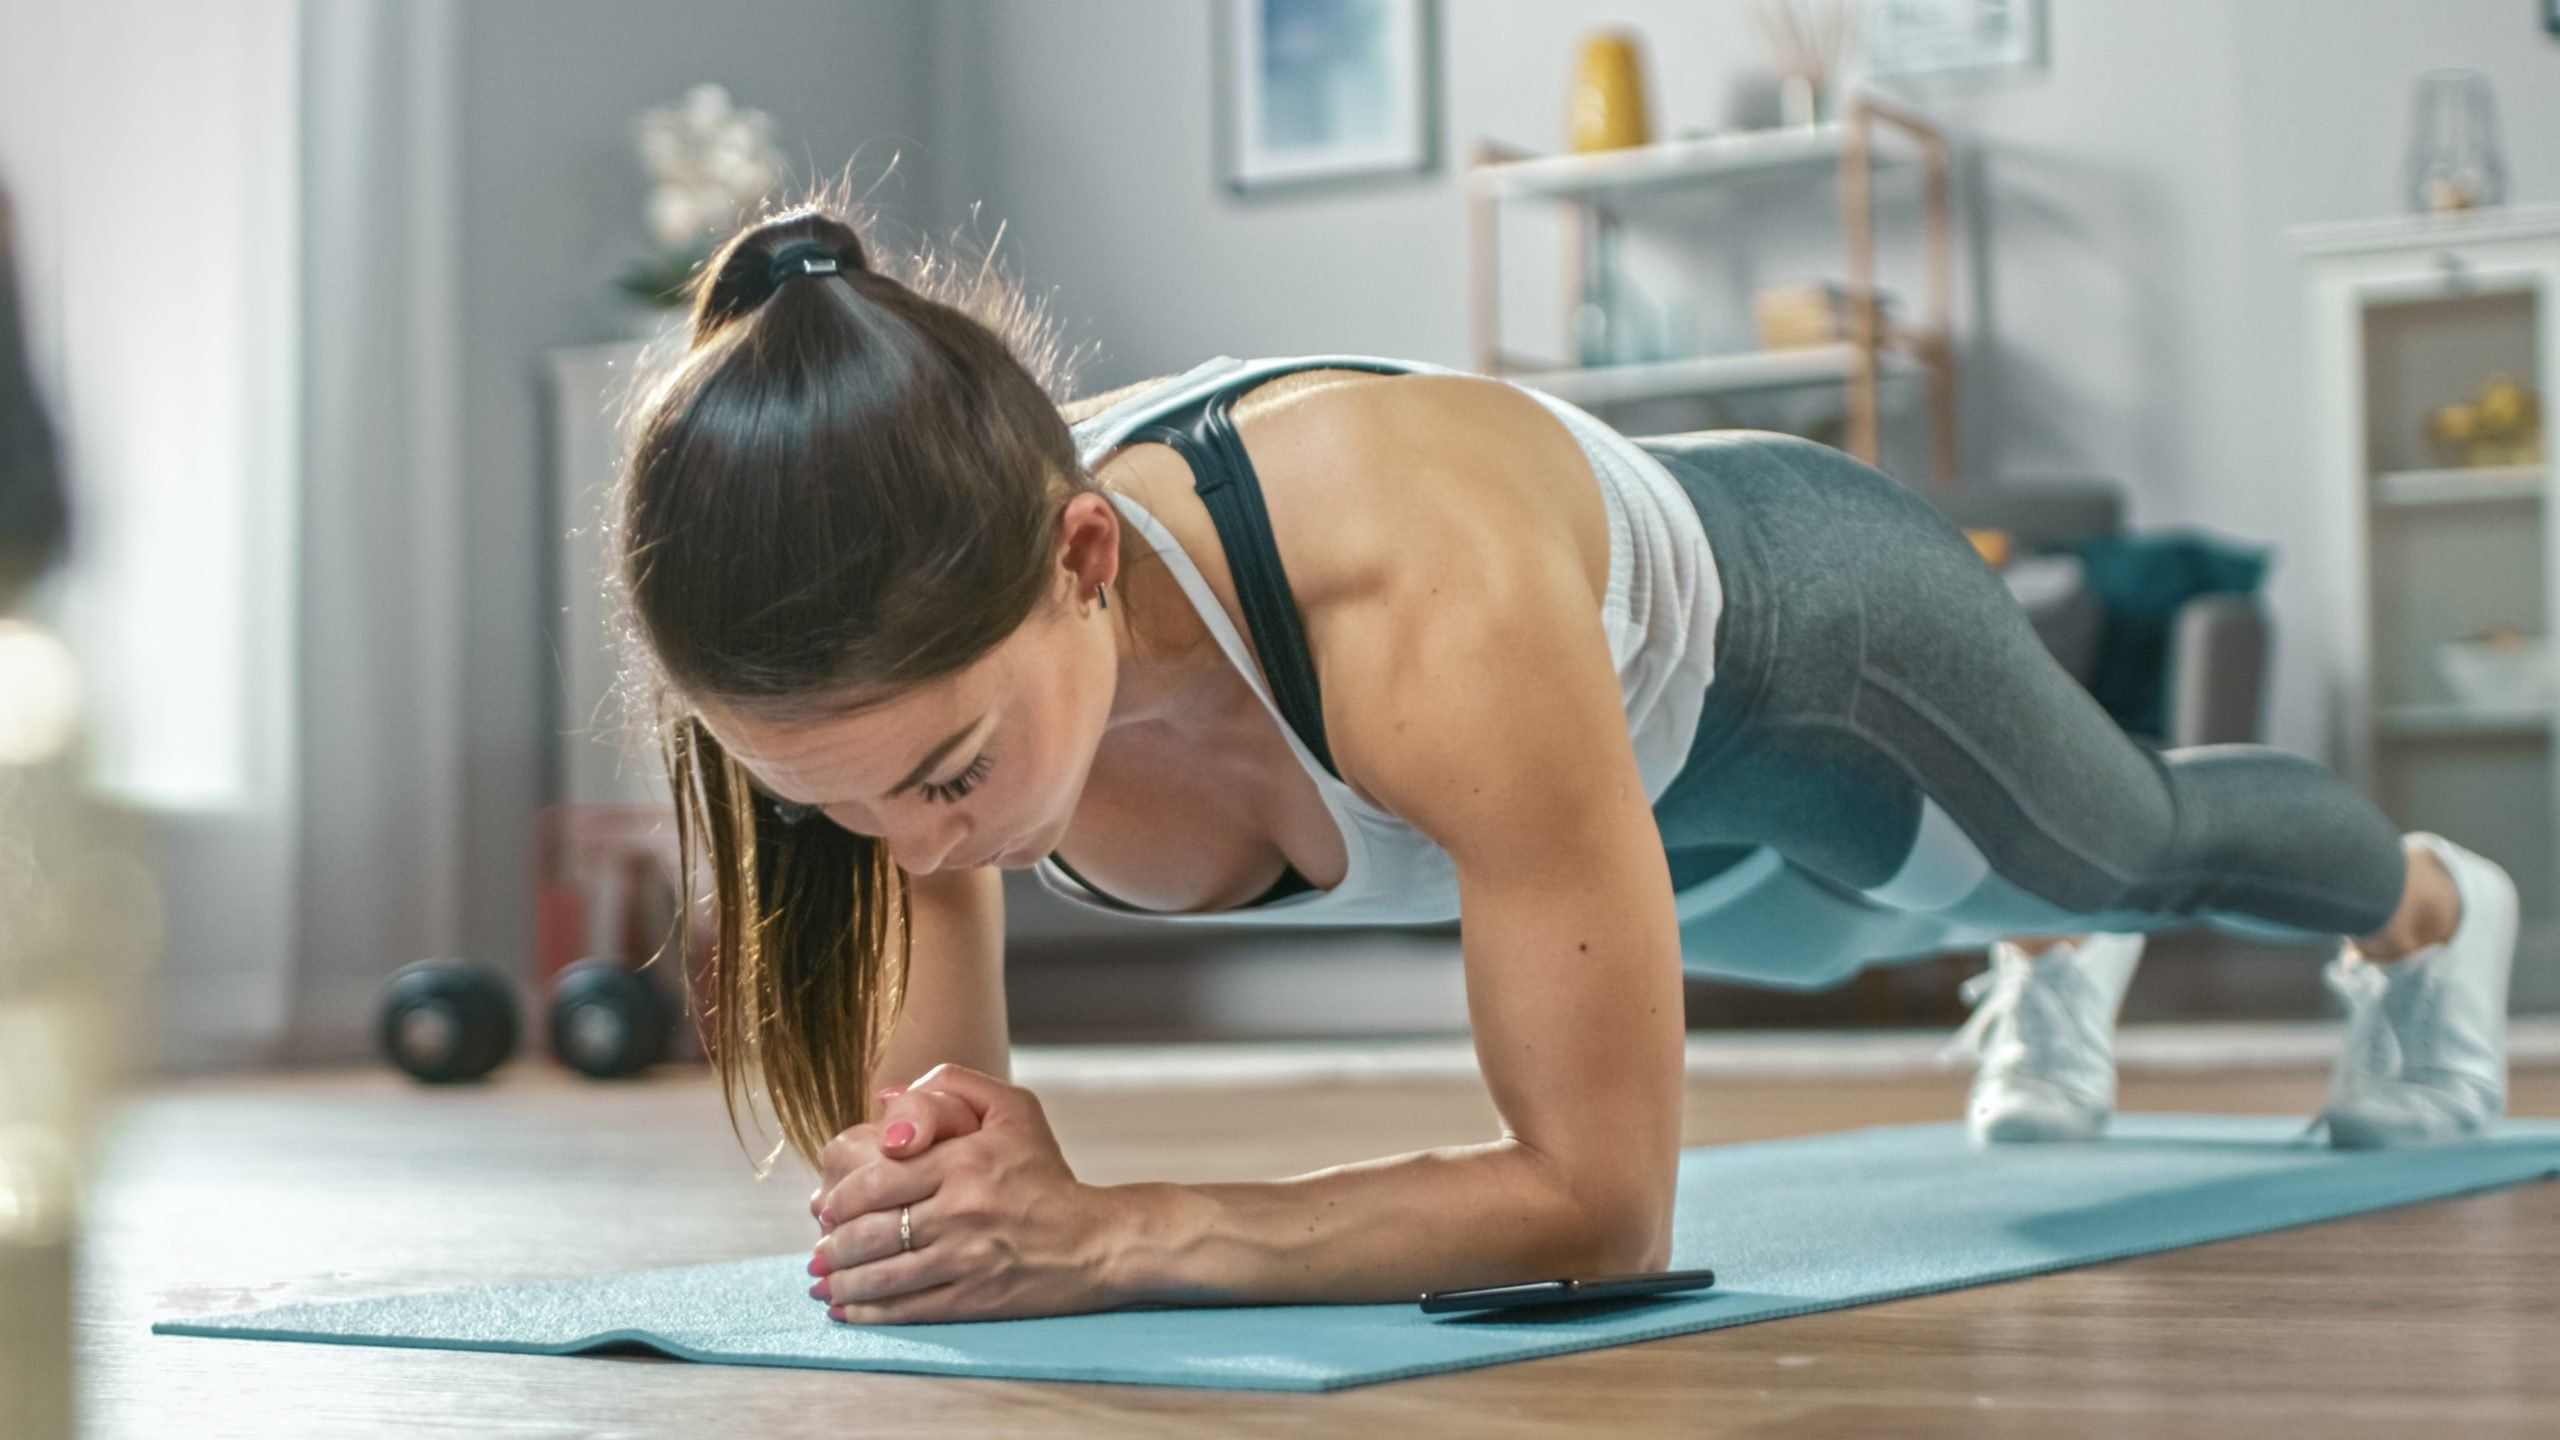 """Tập thể dục rất tốt nhưng nếu sau khi tập bạn có 4 dấu hiệu này nghĩa là cơ thể đang """"cầu cứu"""", cần phải dừng tập luyện ngay - Ảnh 3."""